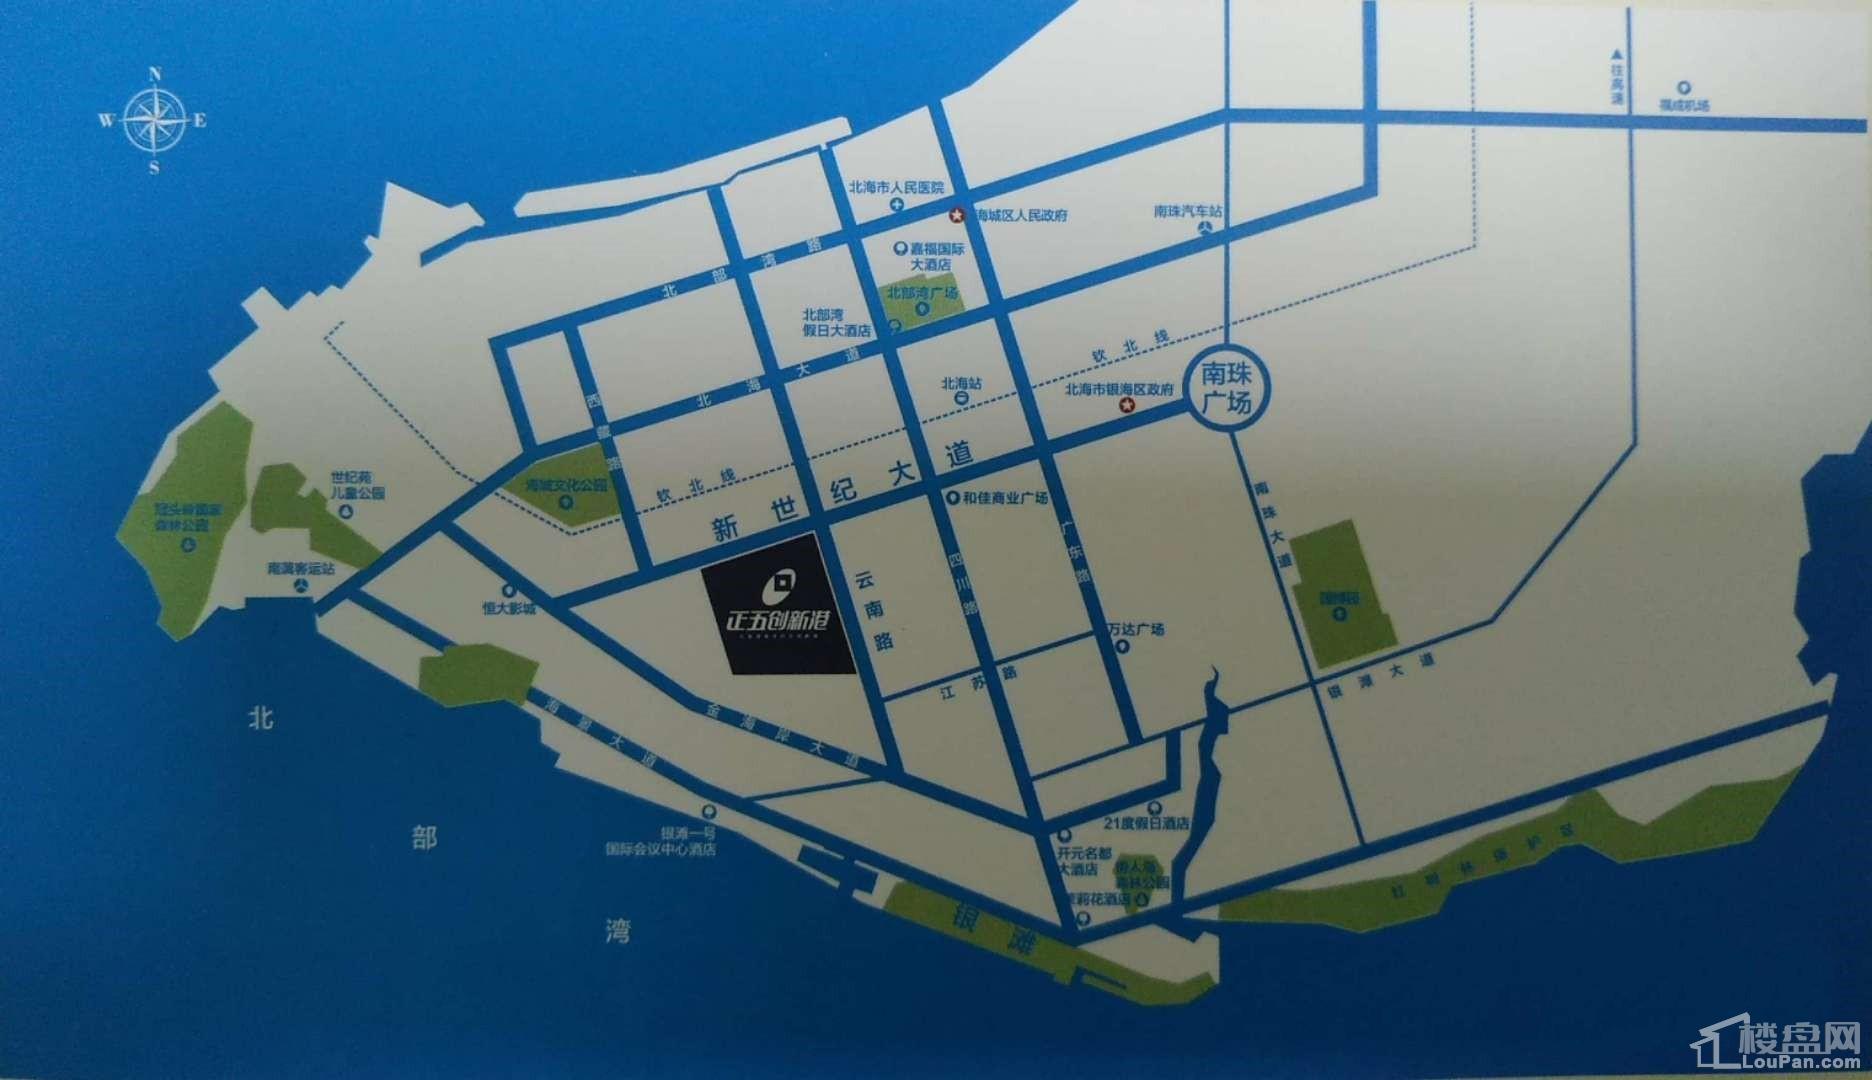 正五创新港区位图